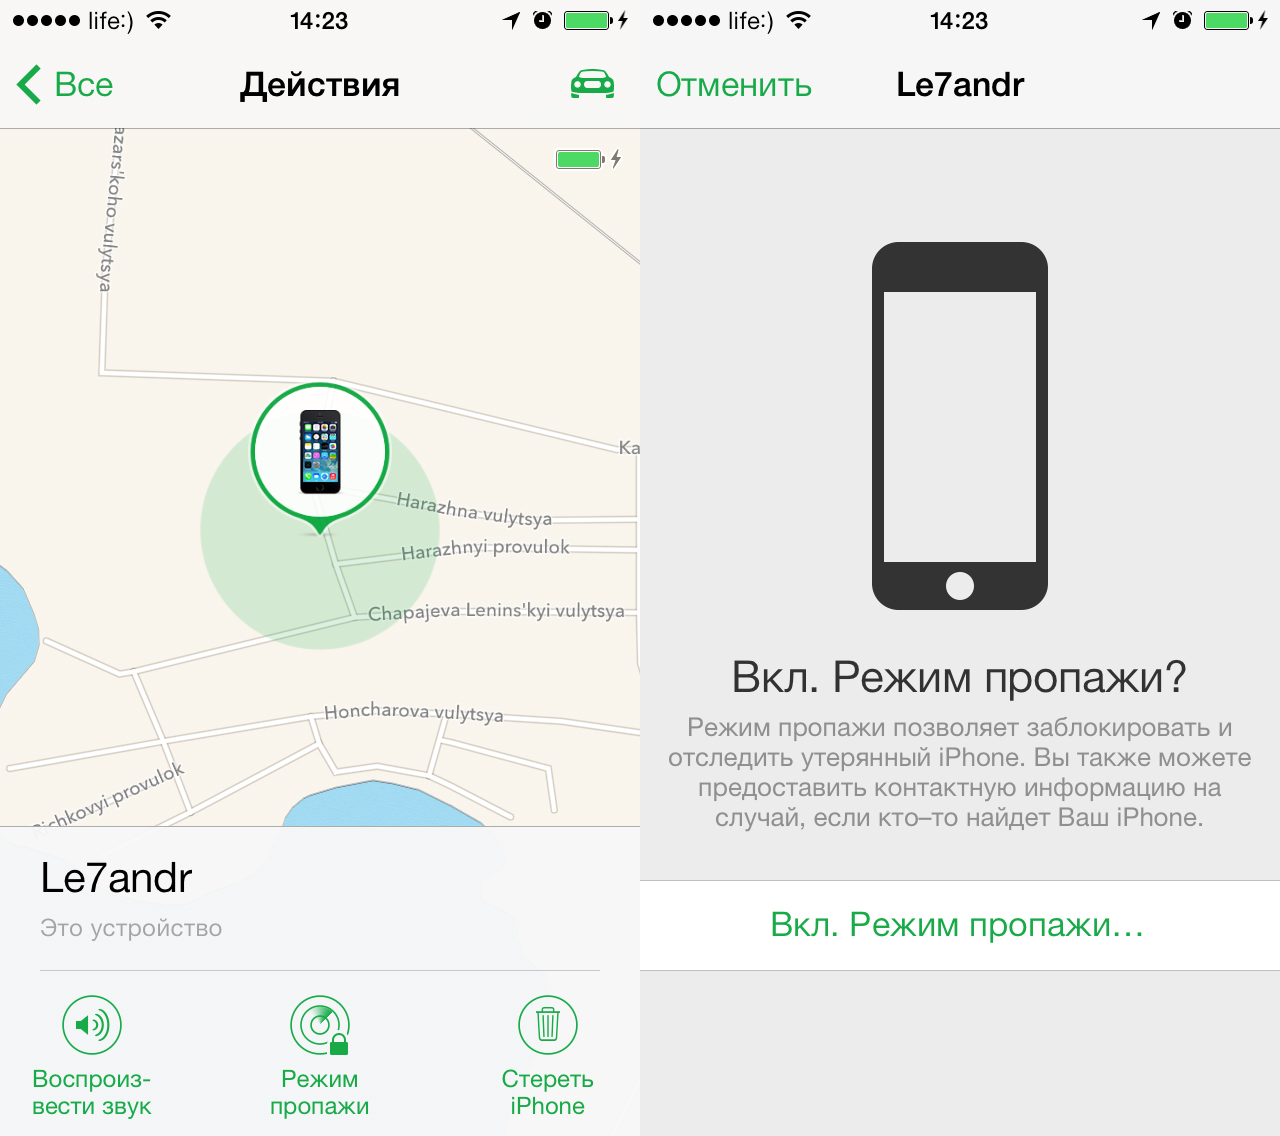 Как найти как заблокировать айфон